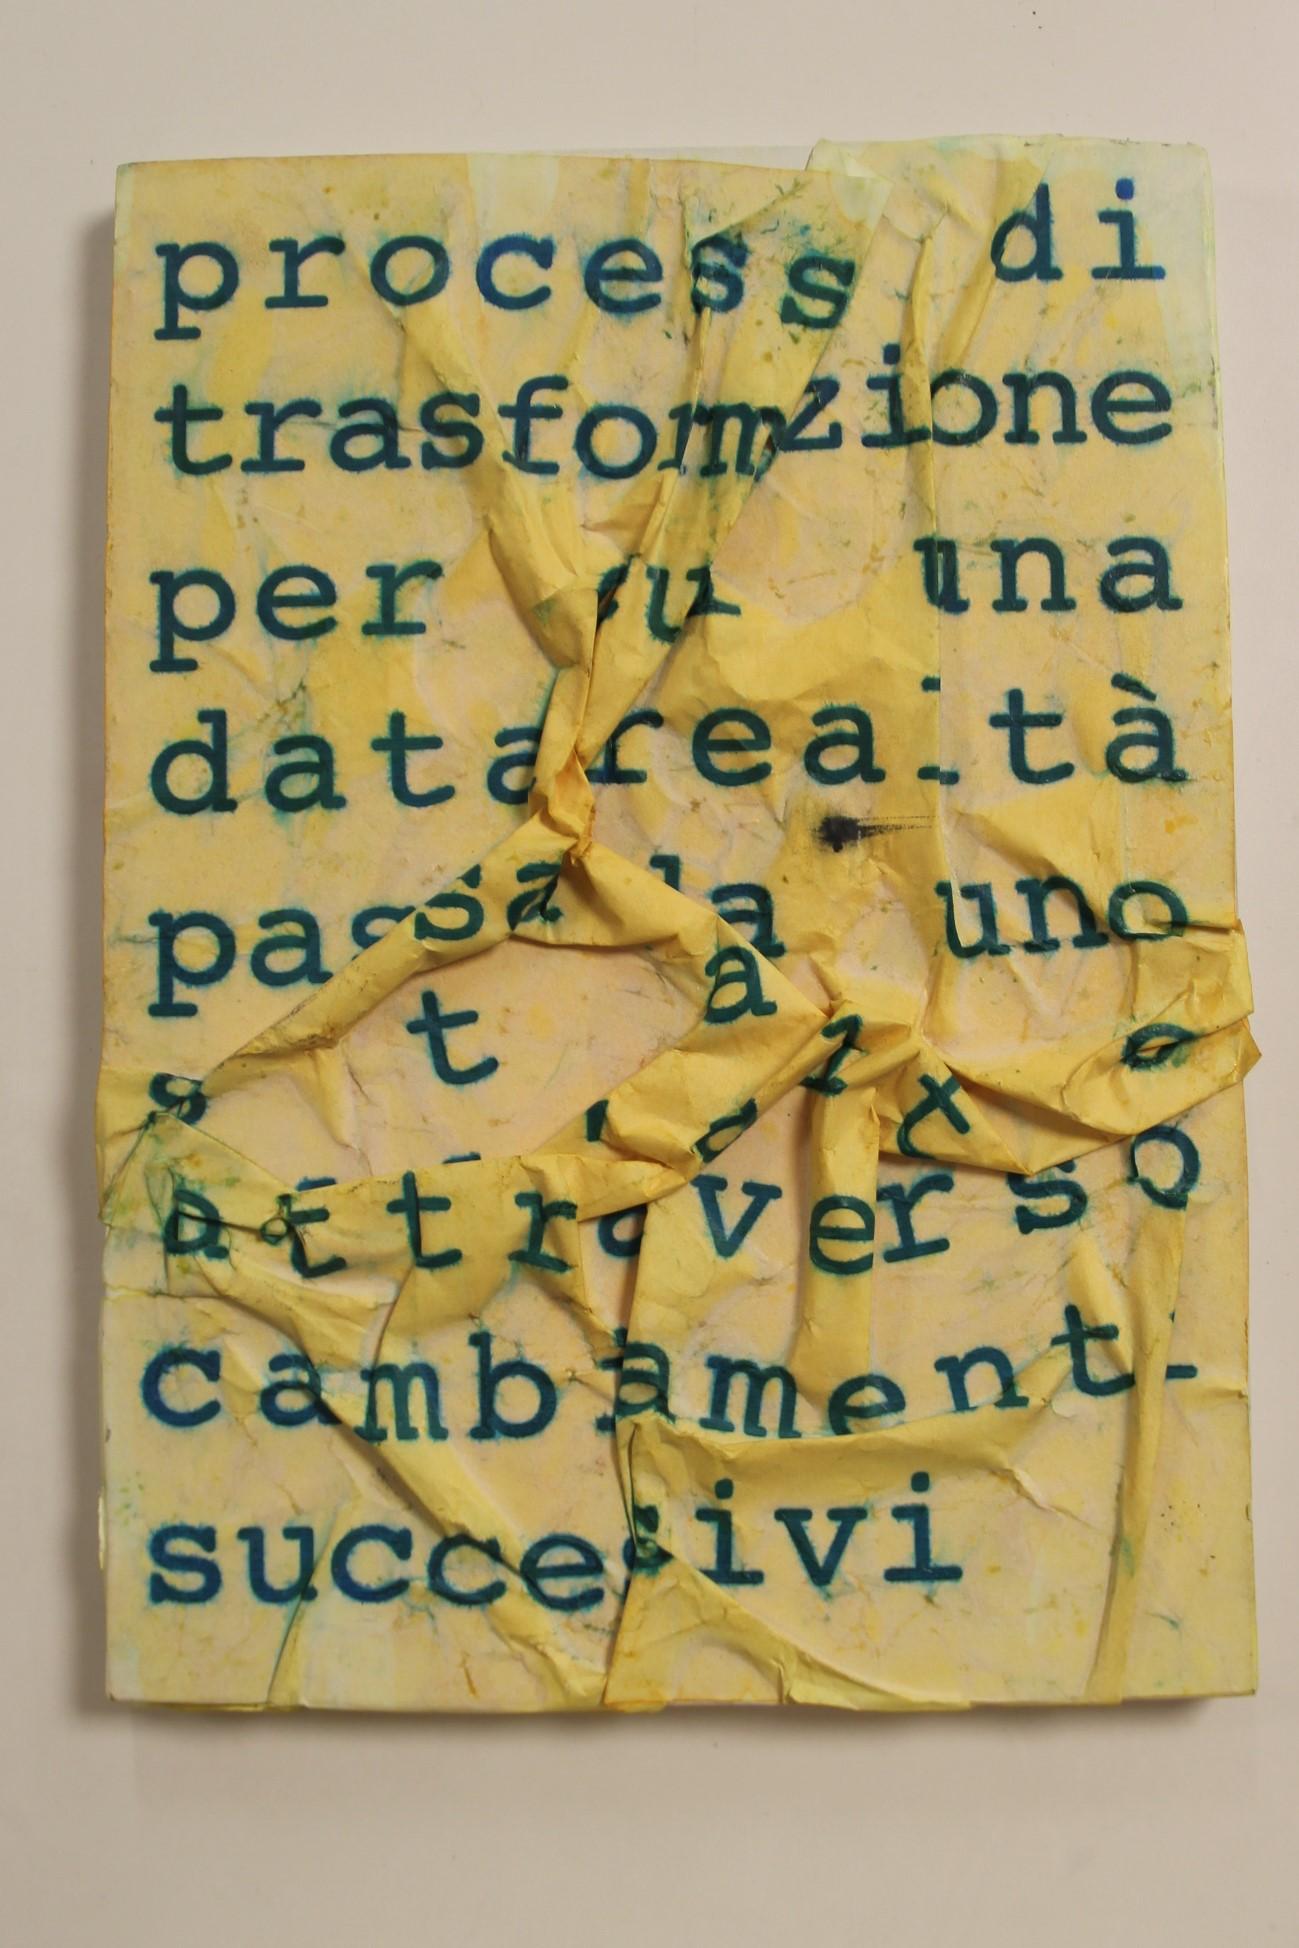 Processi di trasformazione ..., 2001